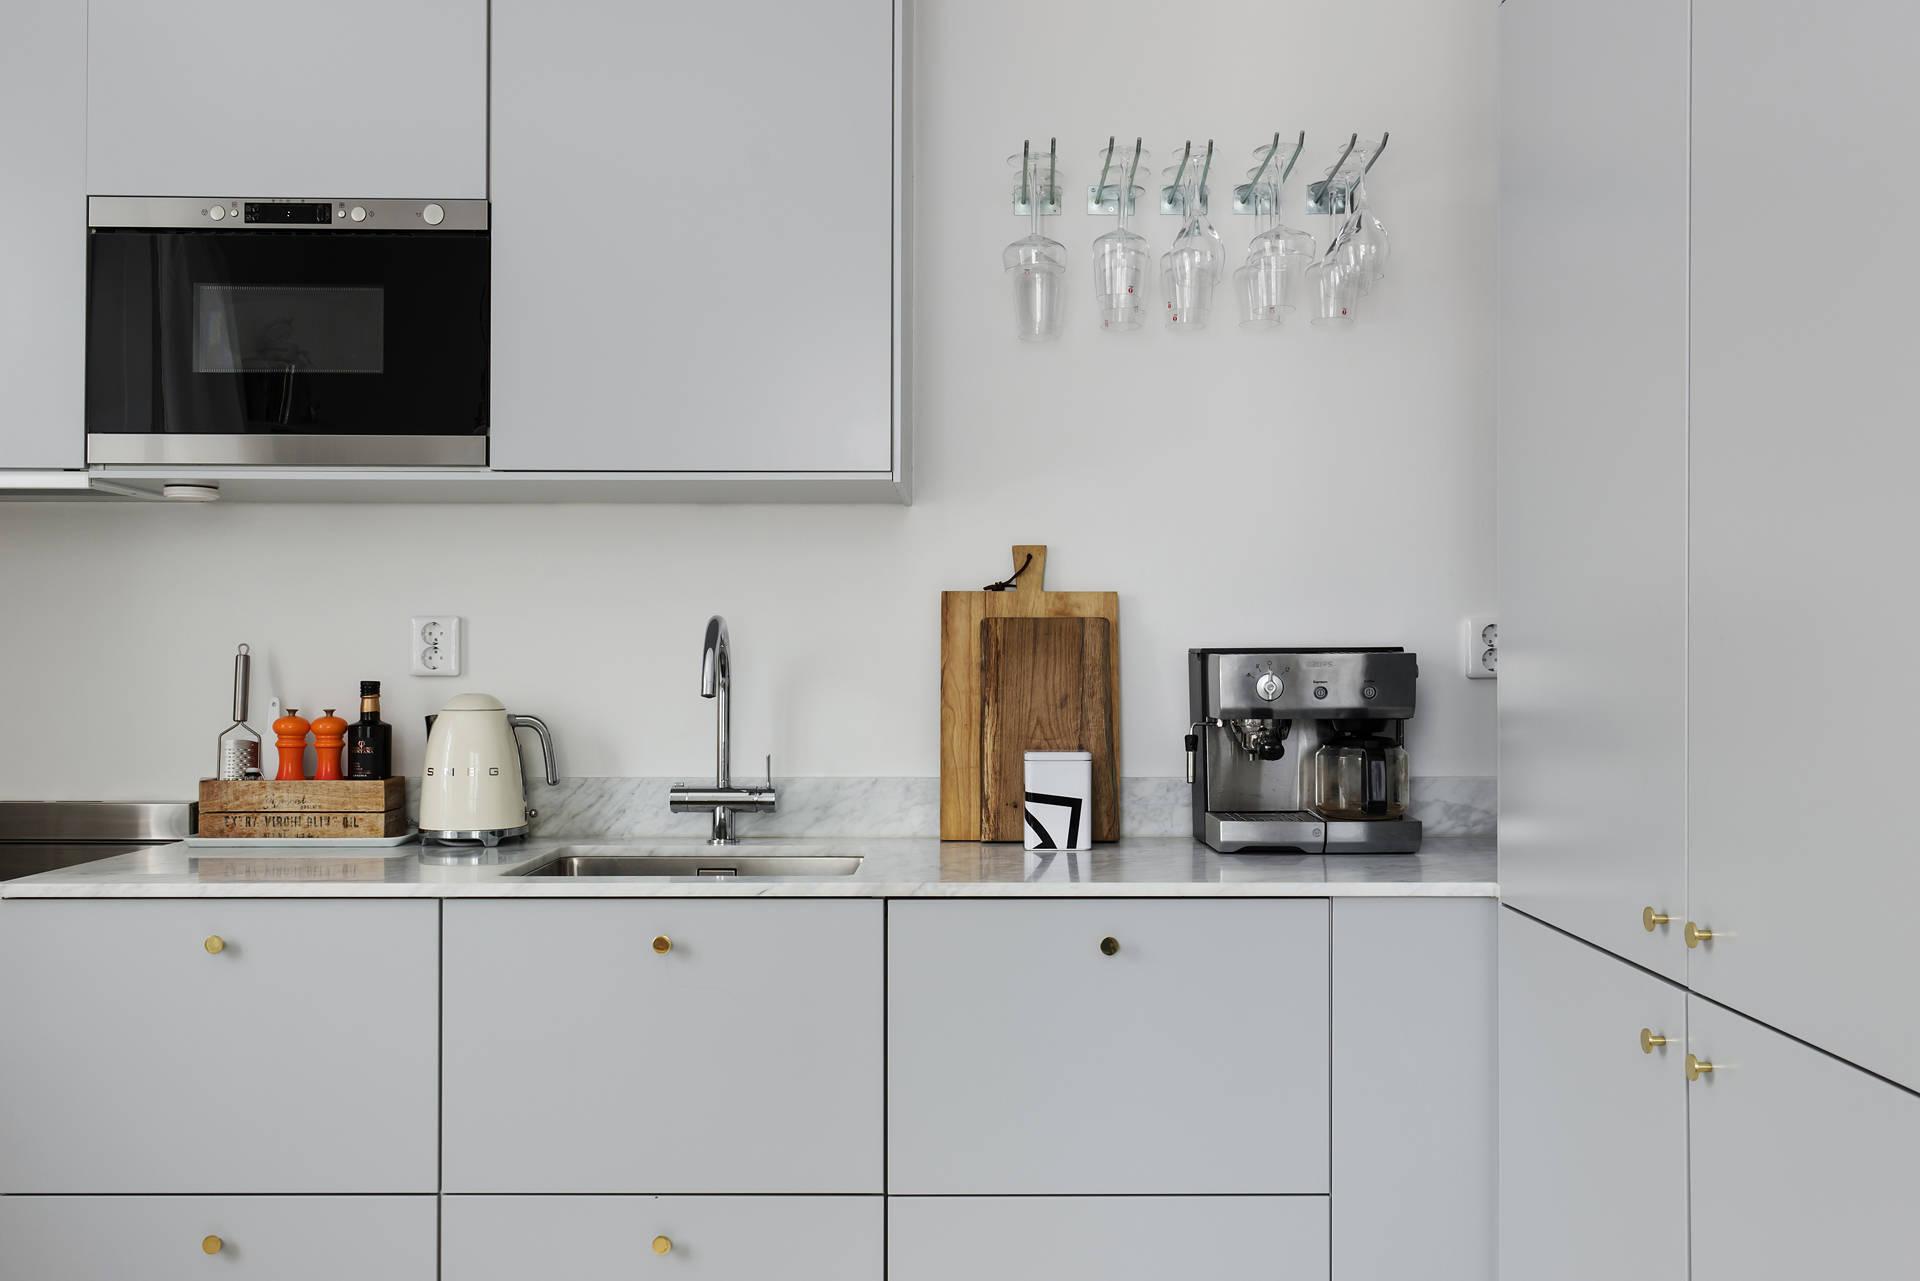 кухня шкафчики техника мойка